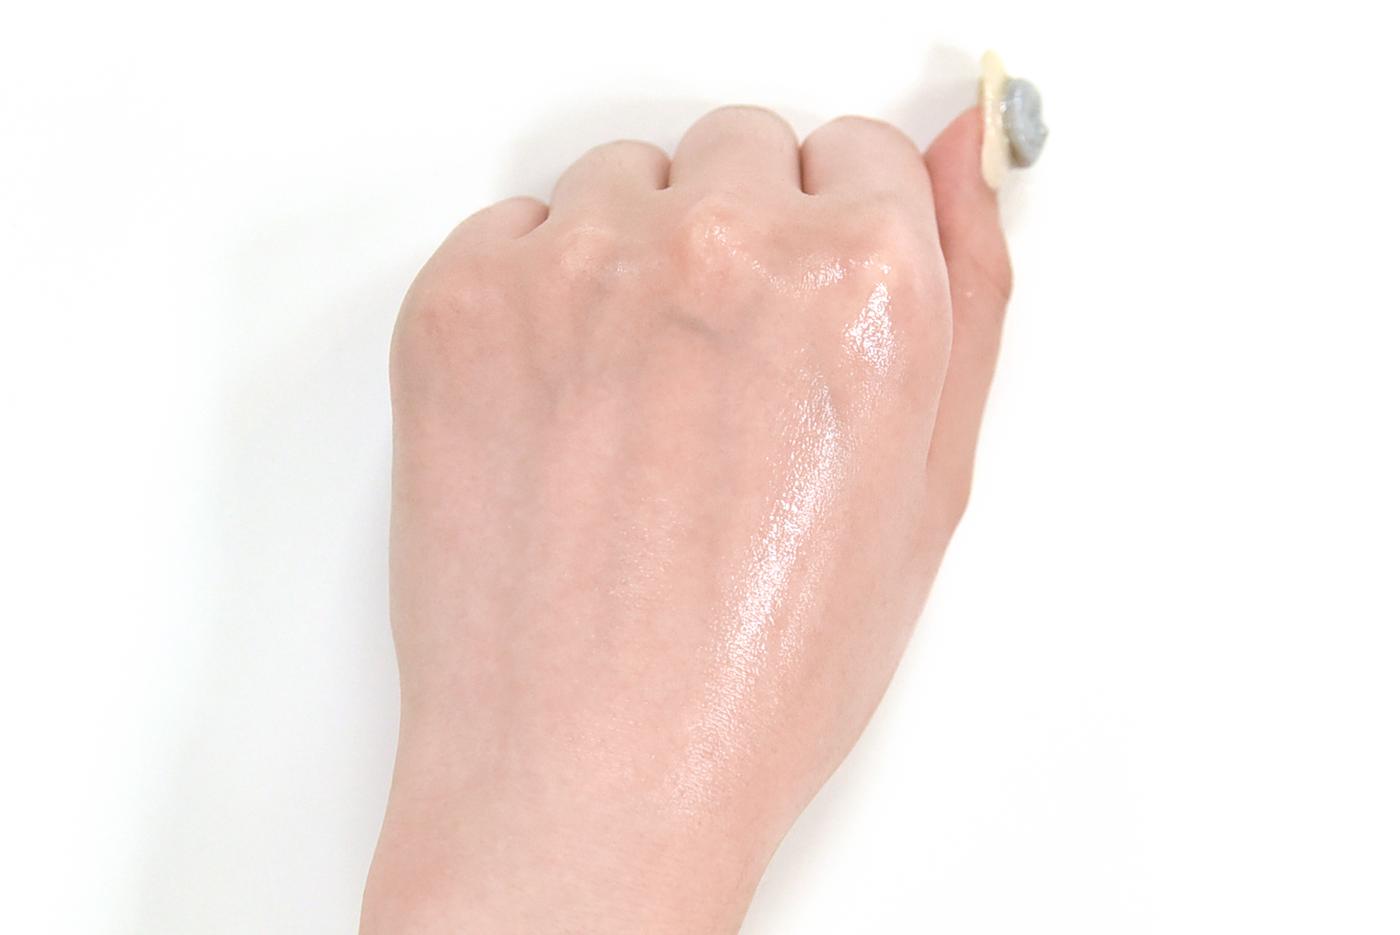 YOANの口コミ・検証レビュー!ゆうこすプロデュースのスキンケアの12枚目の画像